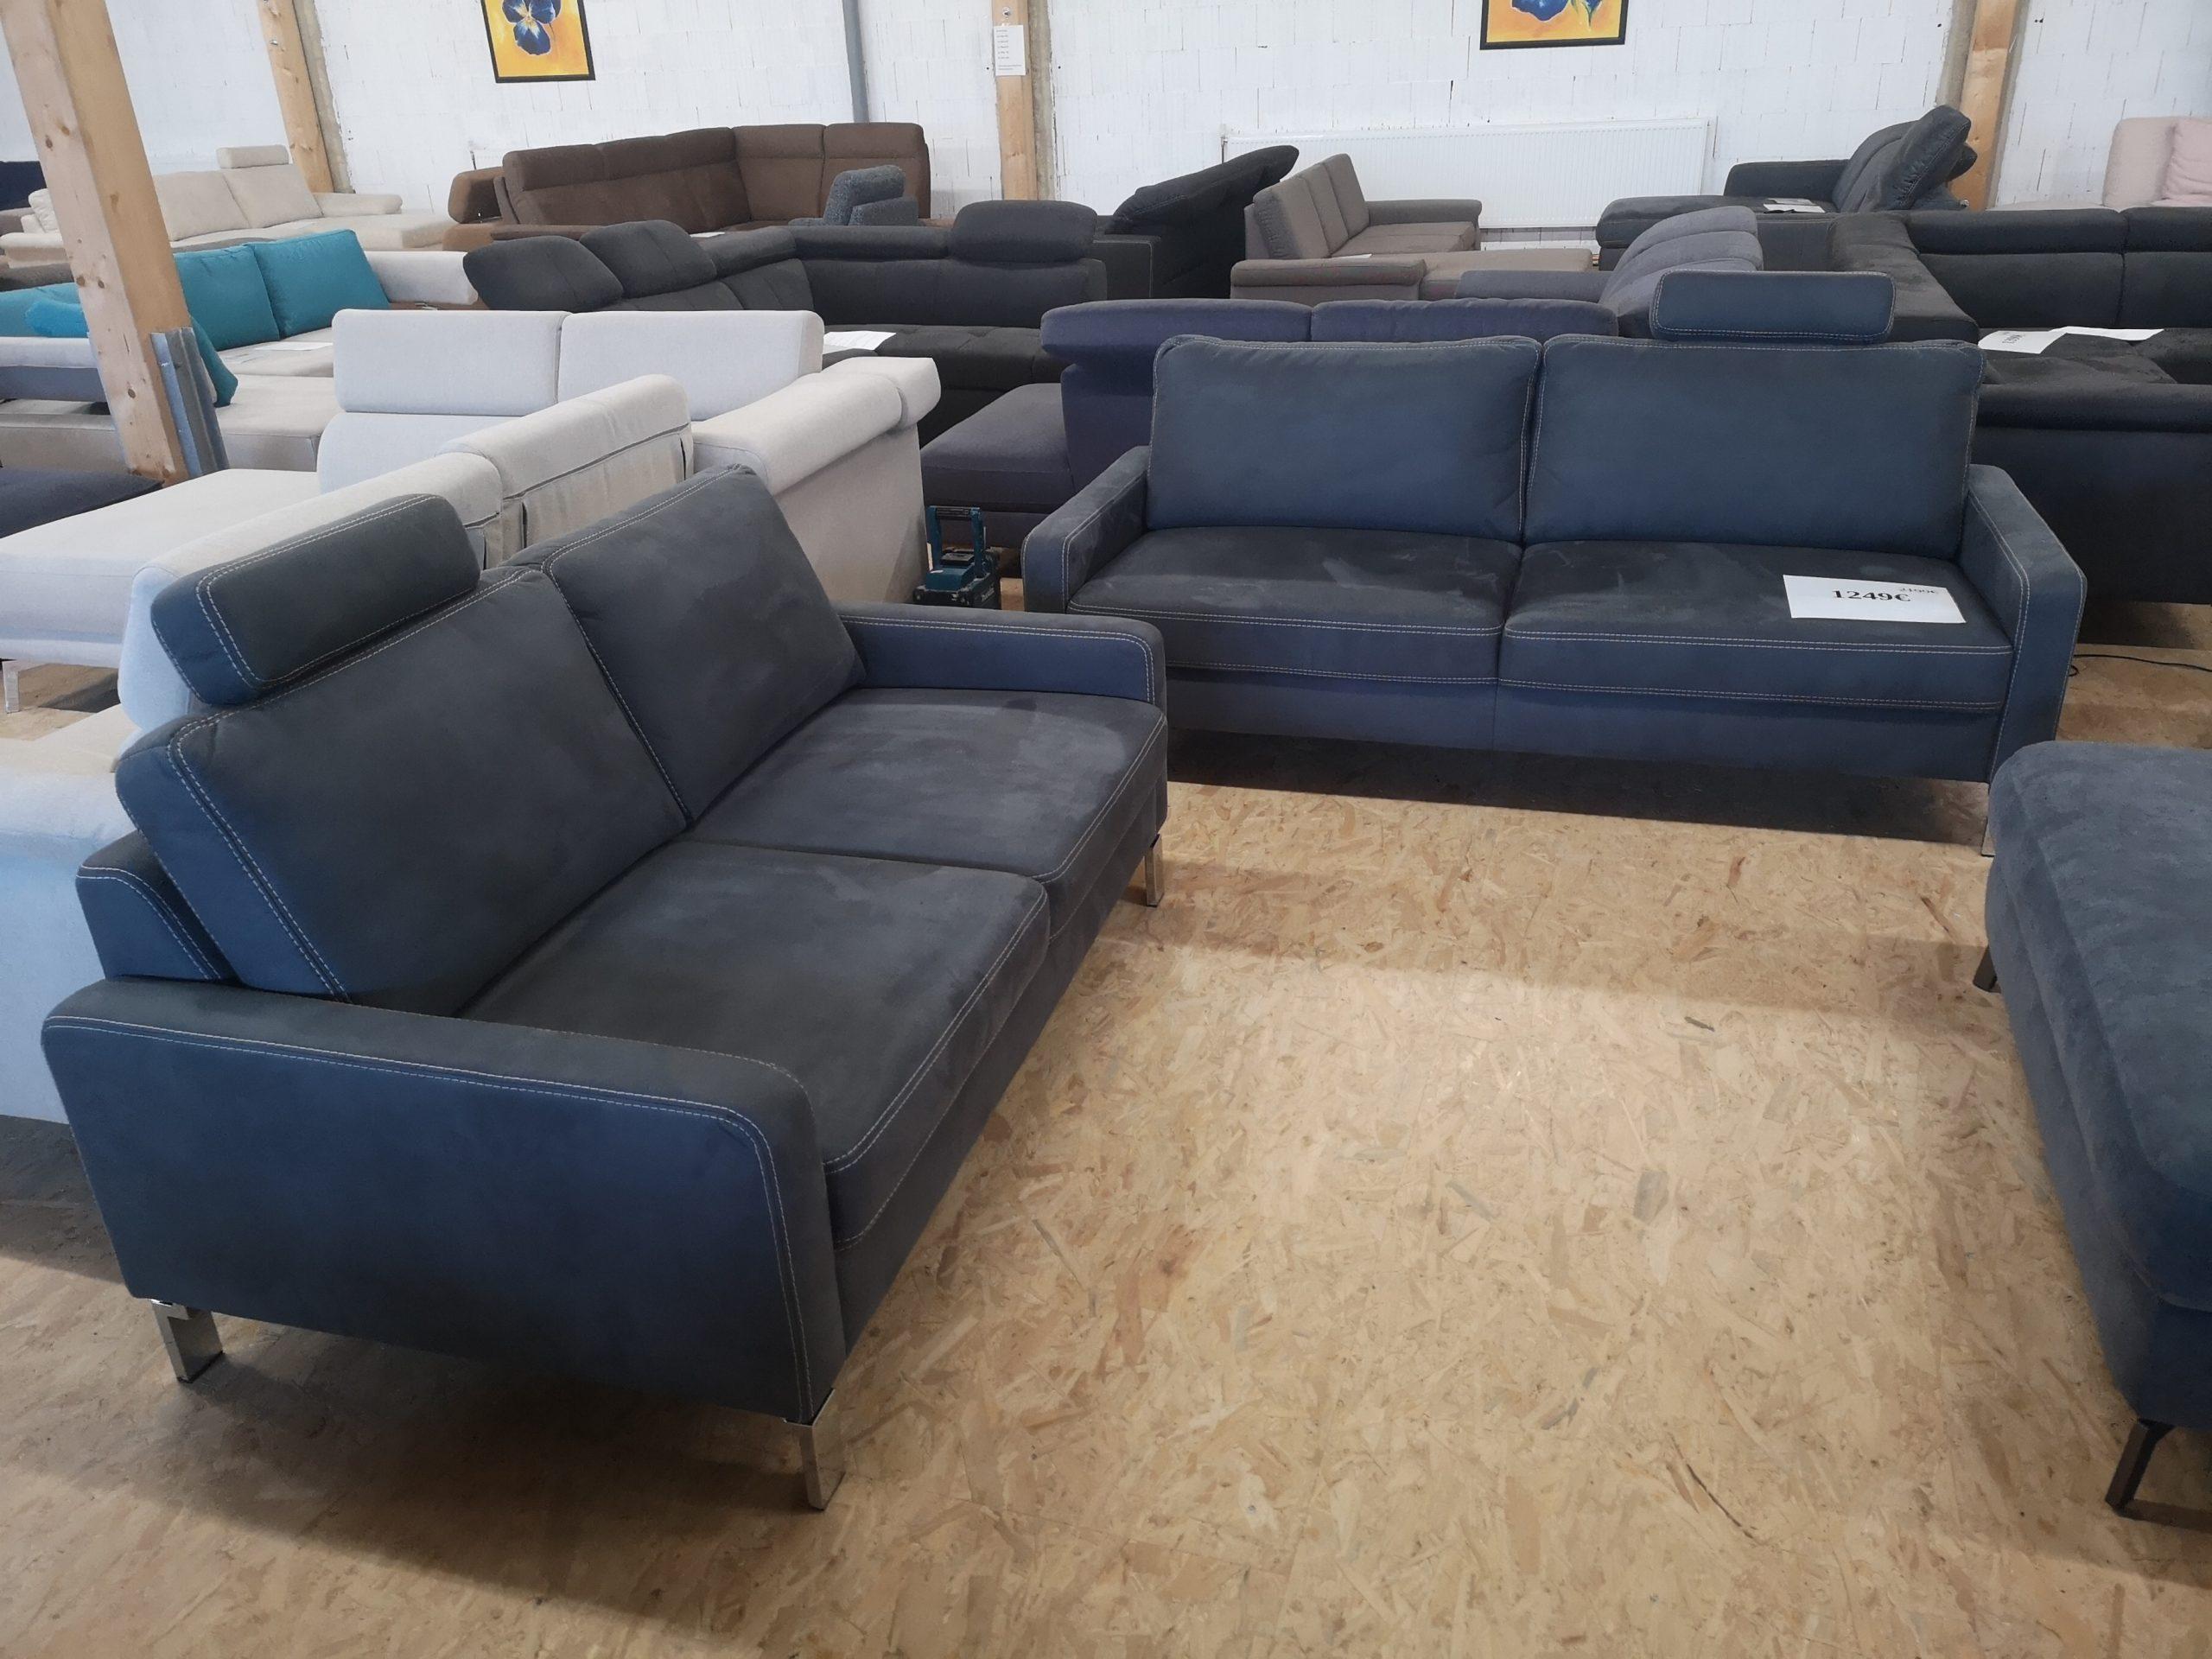 Full Size of Couch Gnstig Wohnzimmercouch Online Kaufen Ikea Rahaus Sofa Zweisitzer Stressless Modulares Comfortmaster 3er Polster Home Affaire Grau Leder Inhofer Grün Sofa Sofa Günstig